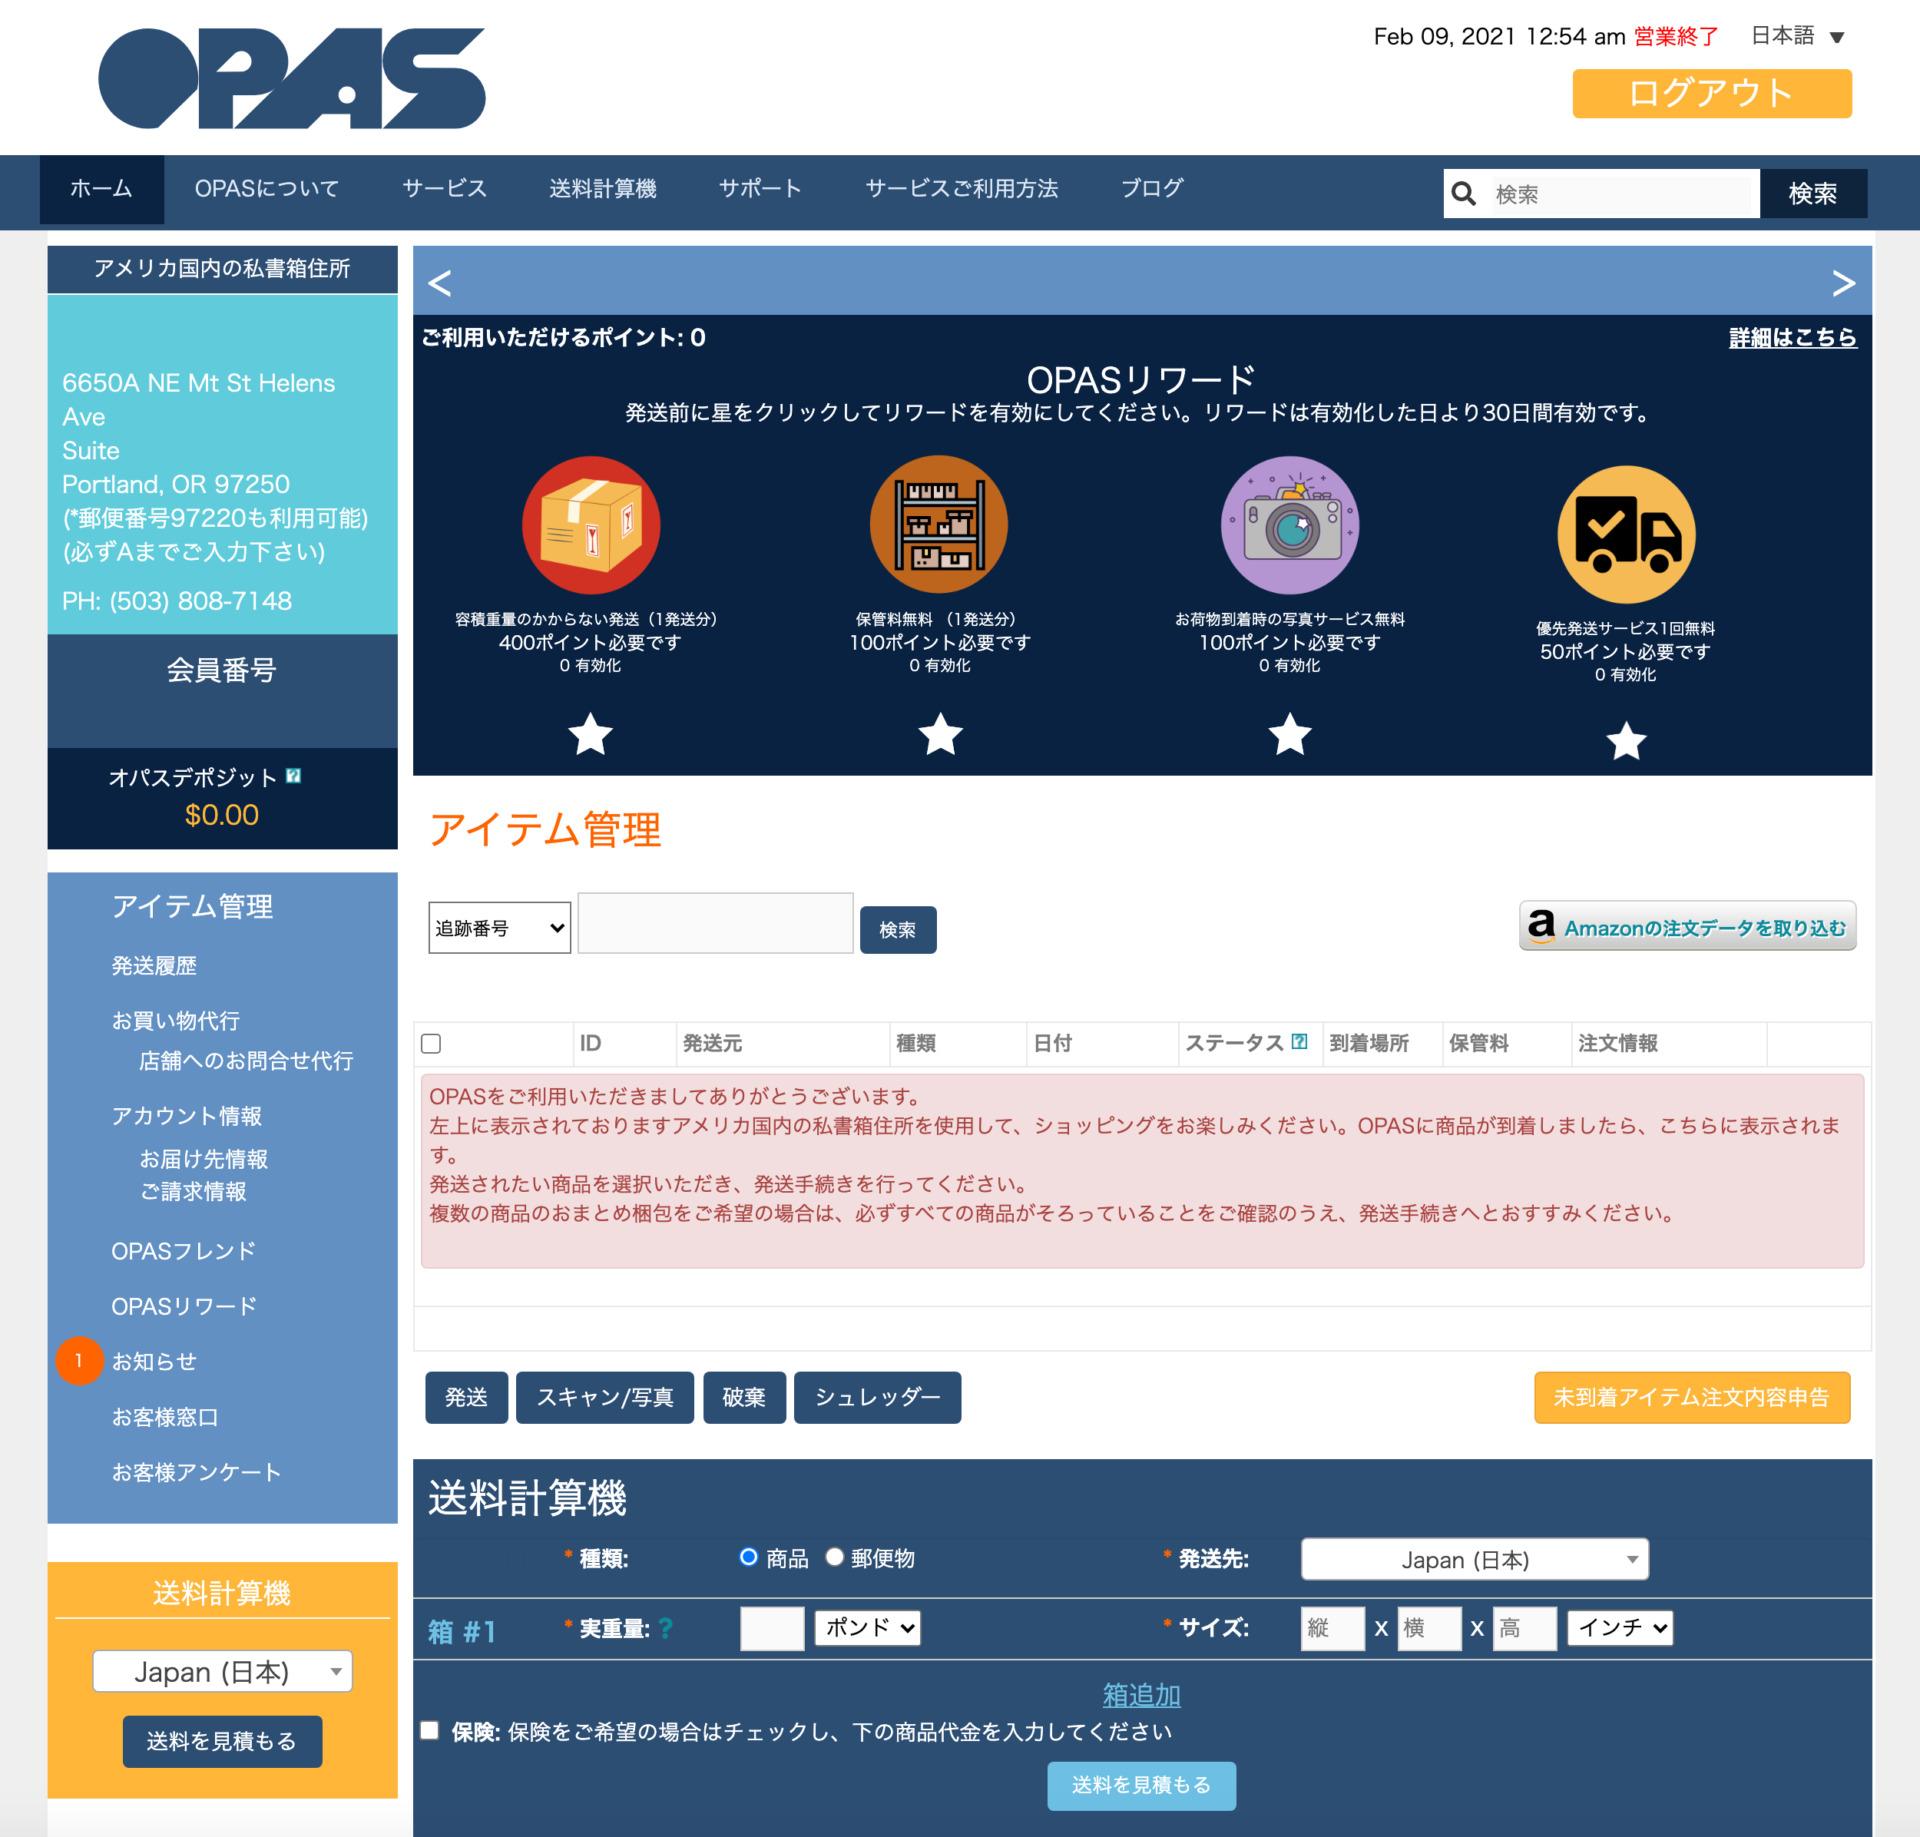 海外転送サービスの「OPAS オパス」使い方を解説 私書箱の住所を利用し、商品を注文